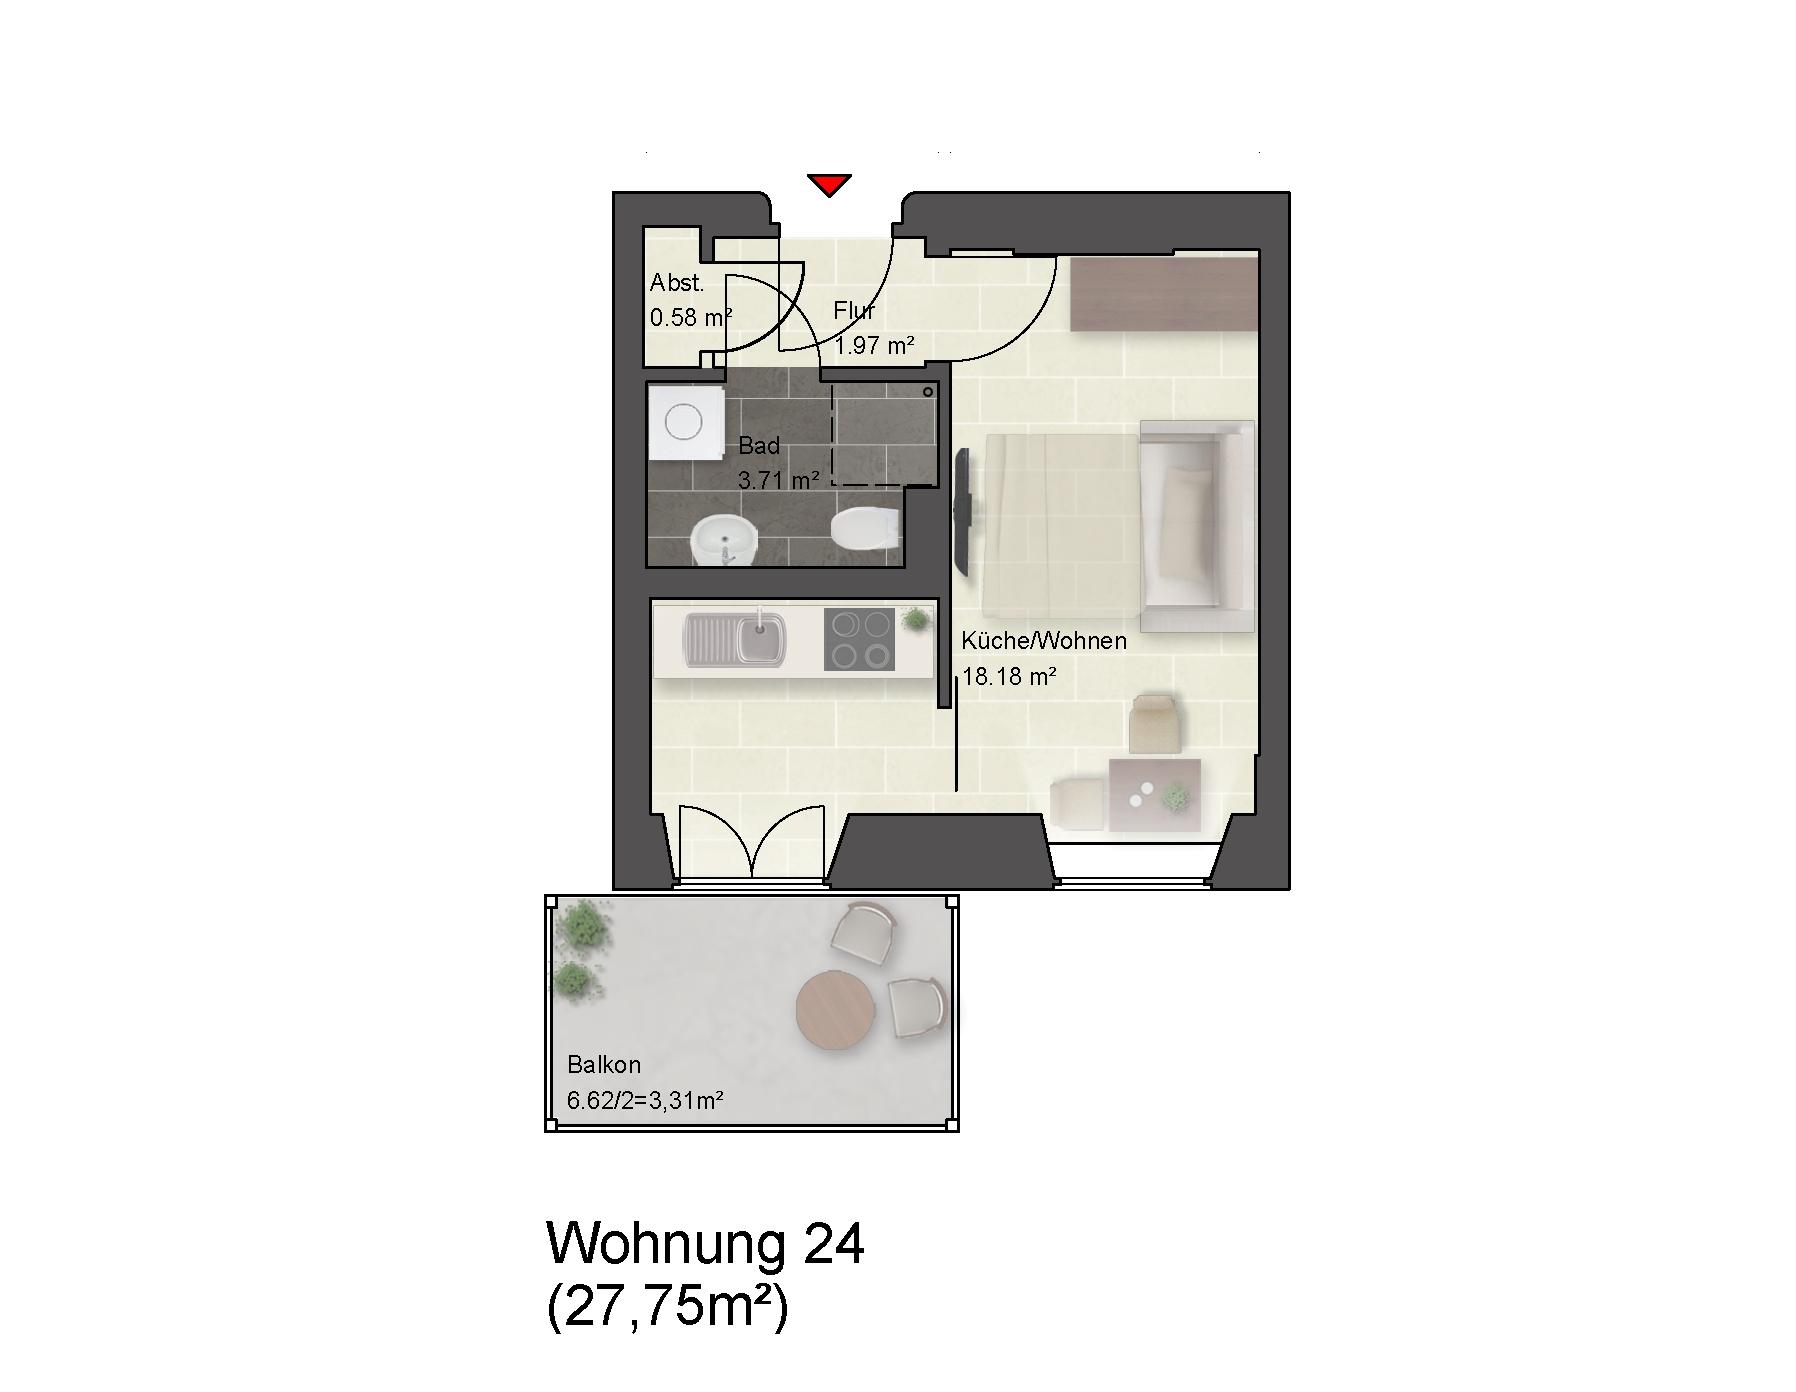 Wohnung 24 Haus 15